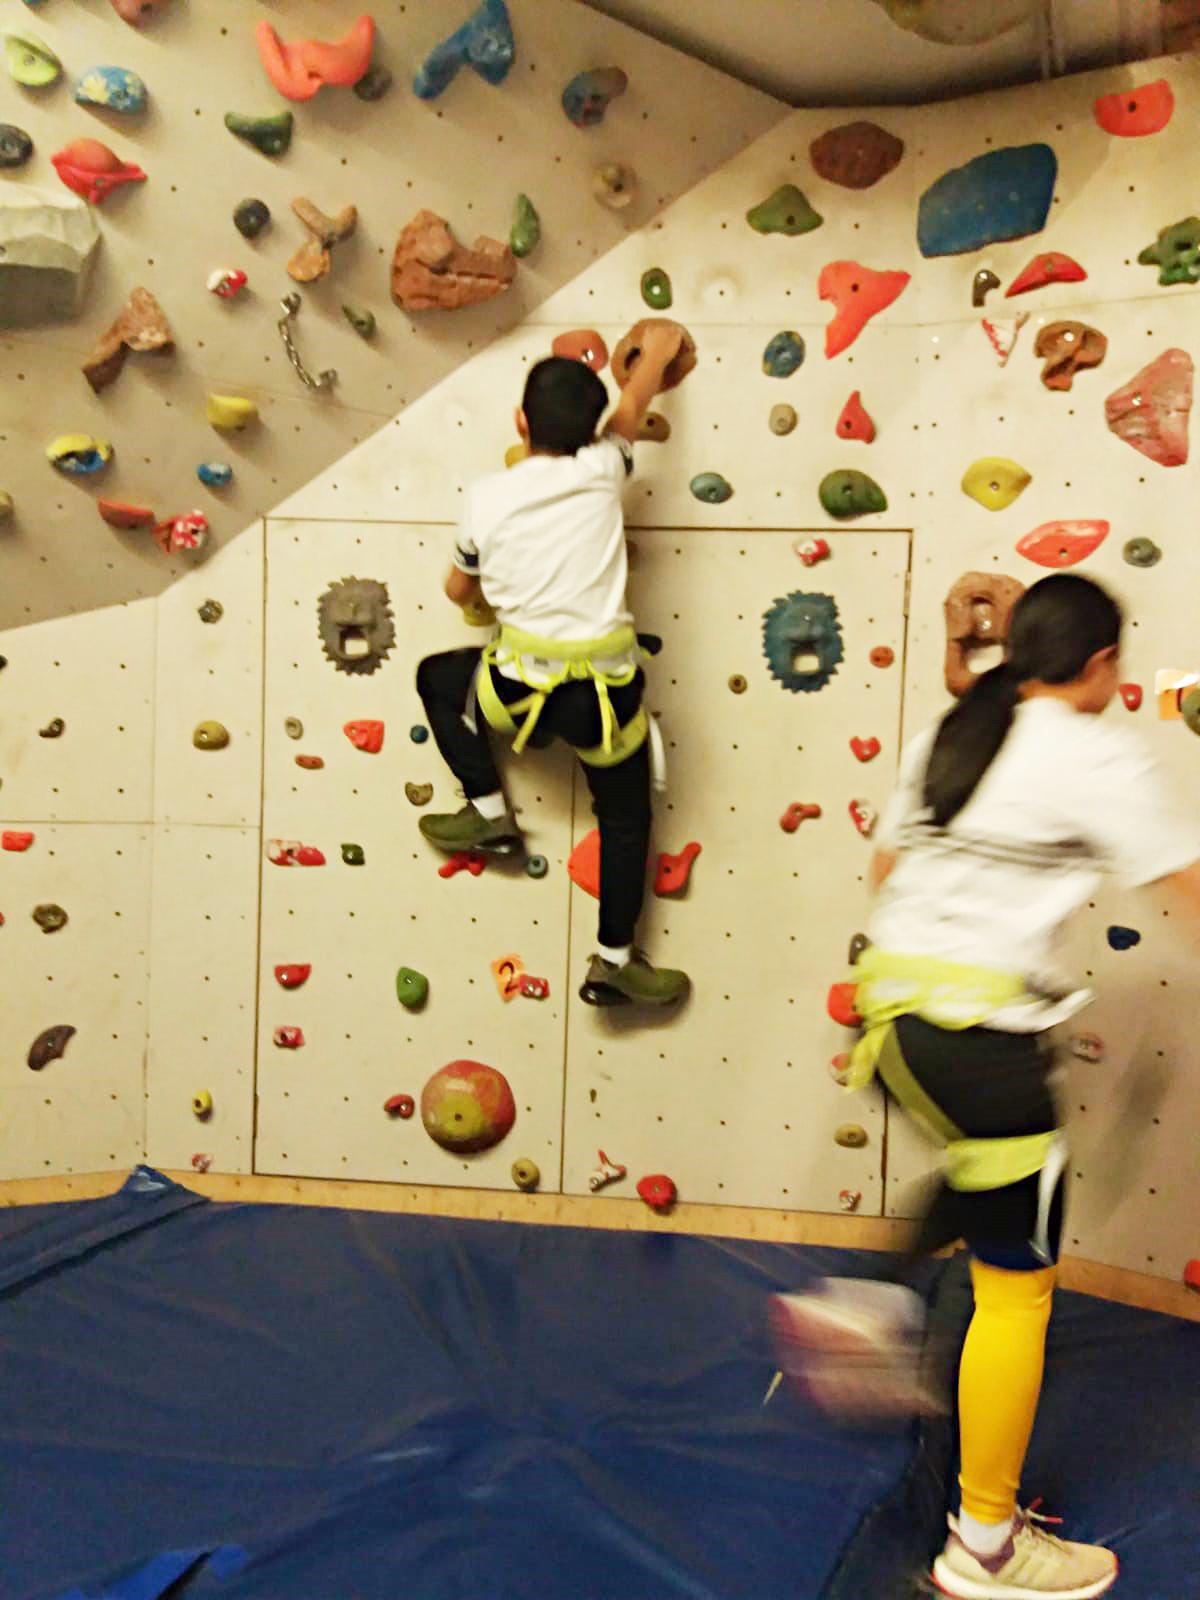 Klettern in der Stationären Jugendhilfe in Rägelin-Temnitzquell der navitas gGmbH